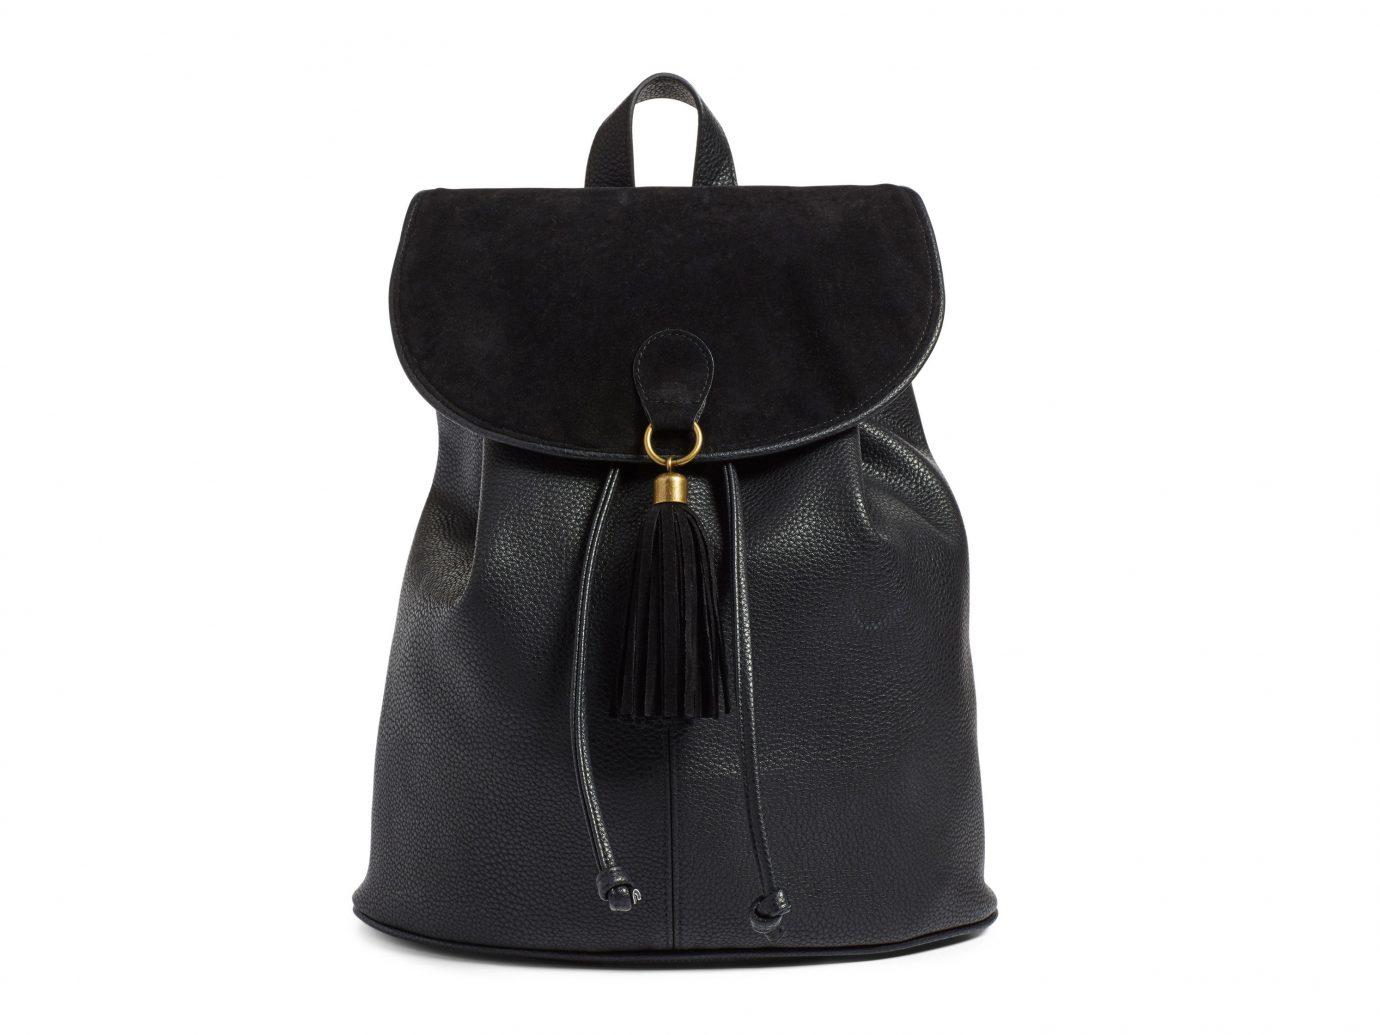 Style + Design black bag indoor handbag backpack accessory product leather shoulder bag textile